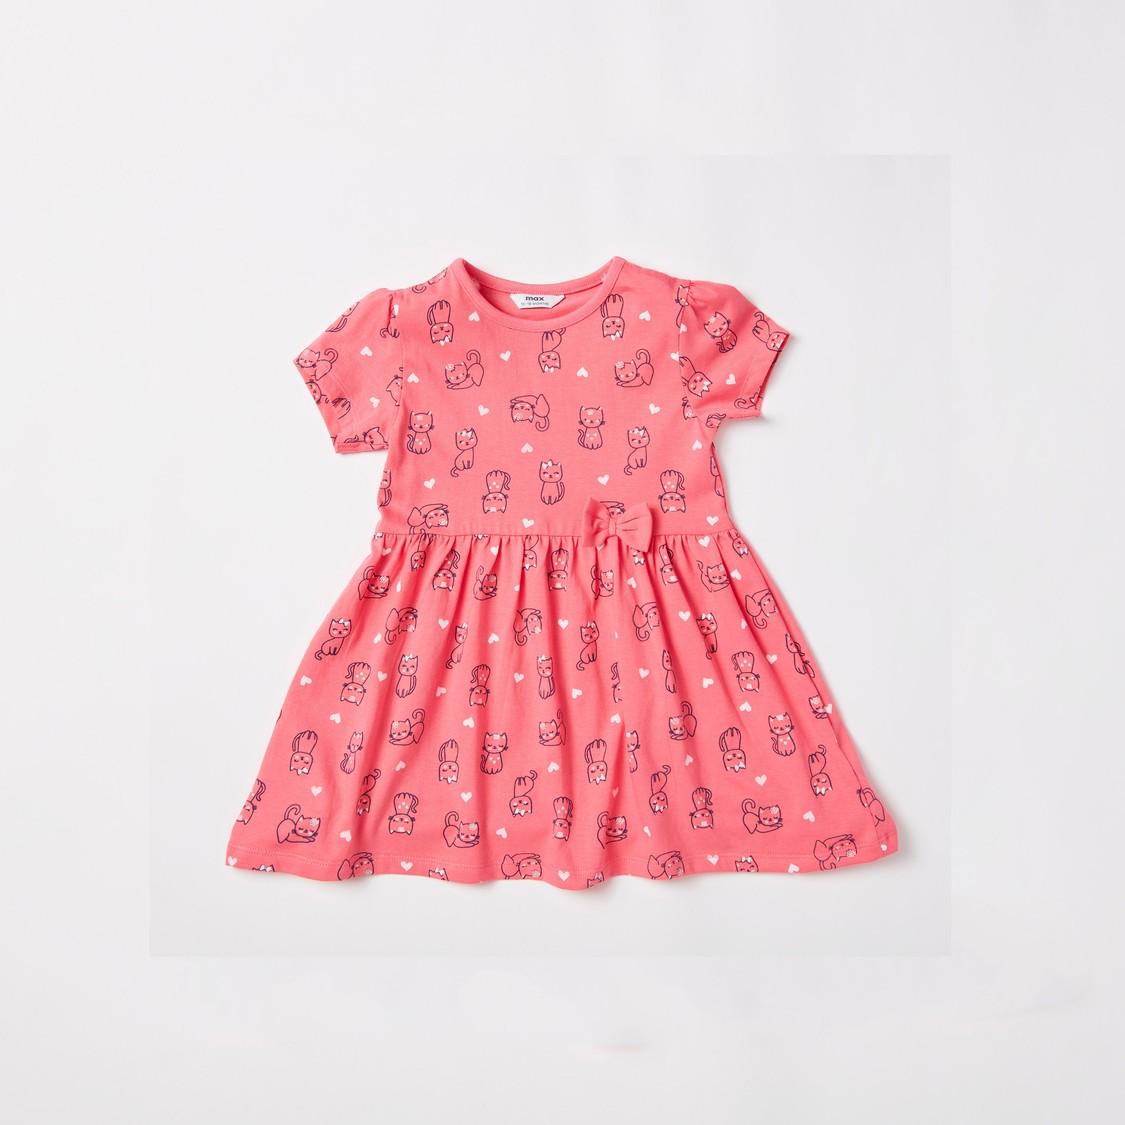 فستان نوم بياقة مستديرة وأكمام قصيرة بطبعات قطة- قطعتين من جونيورز